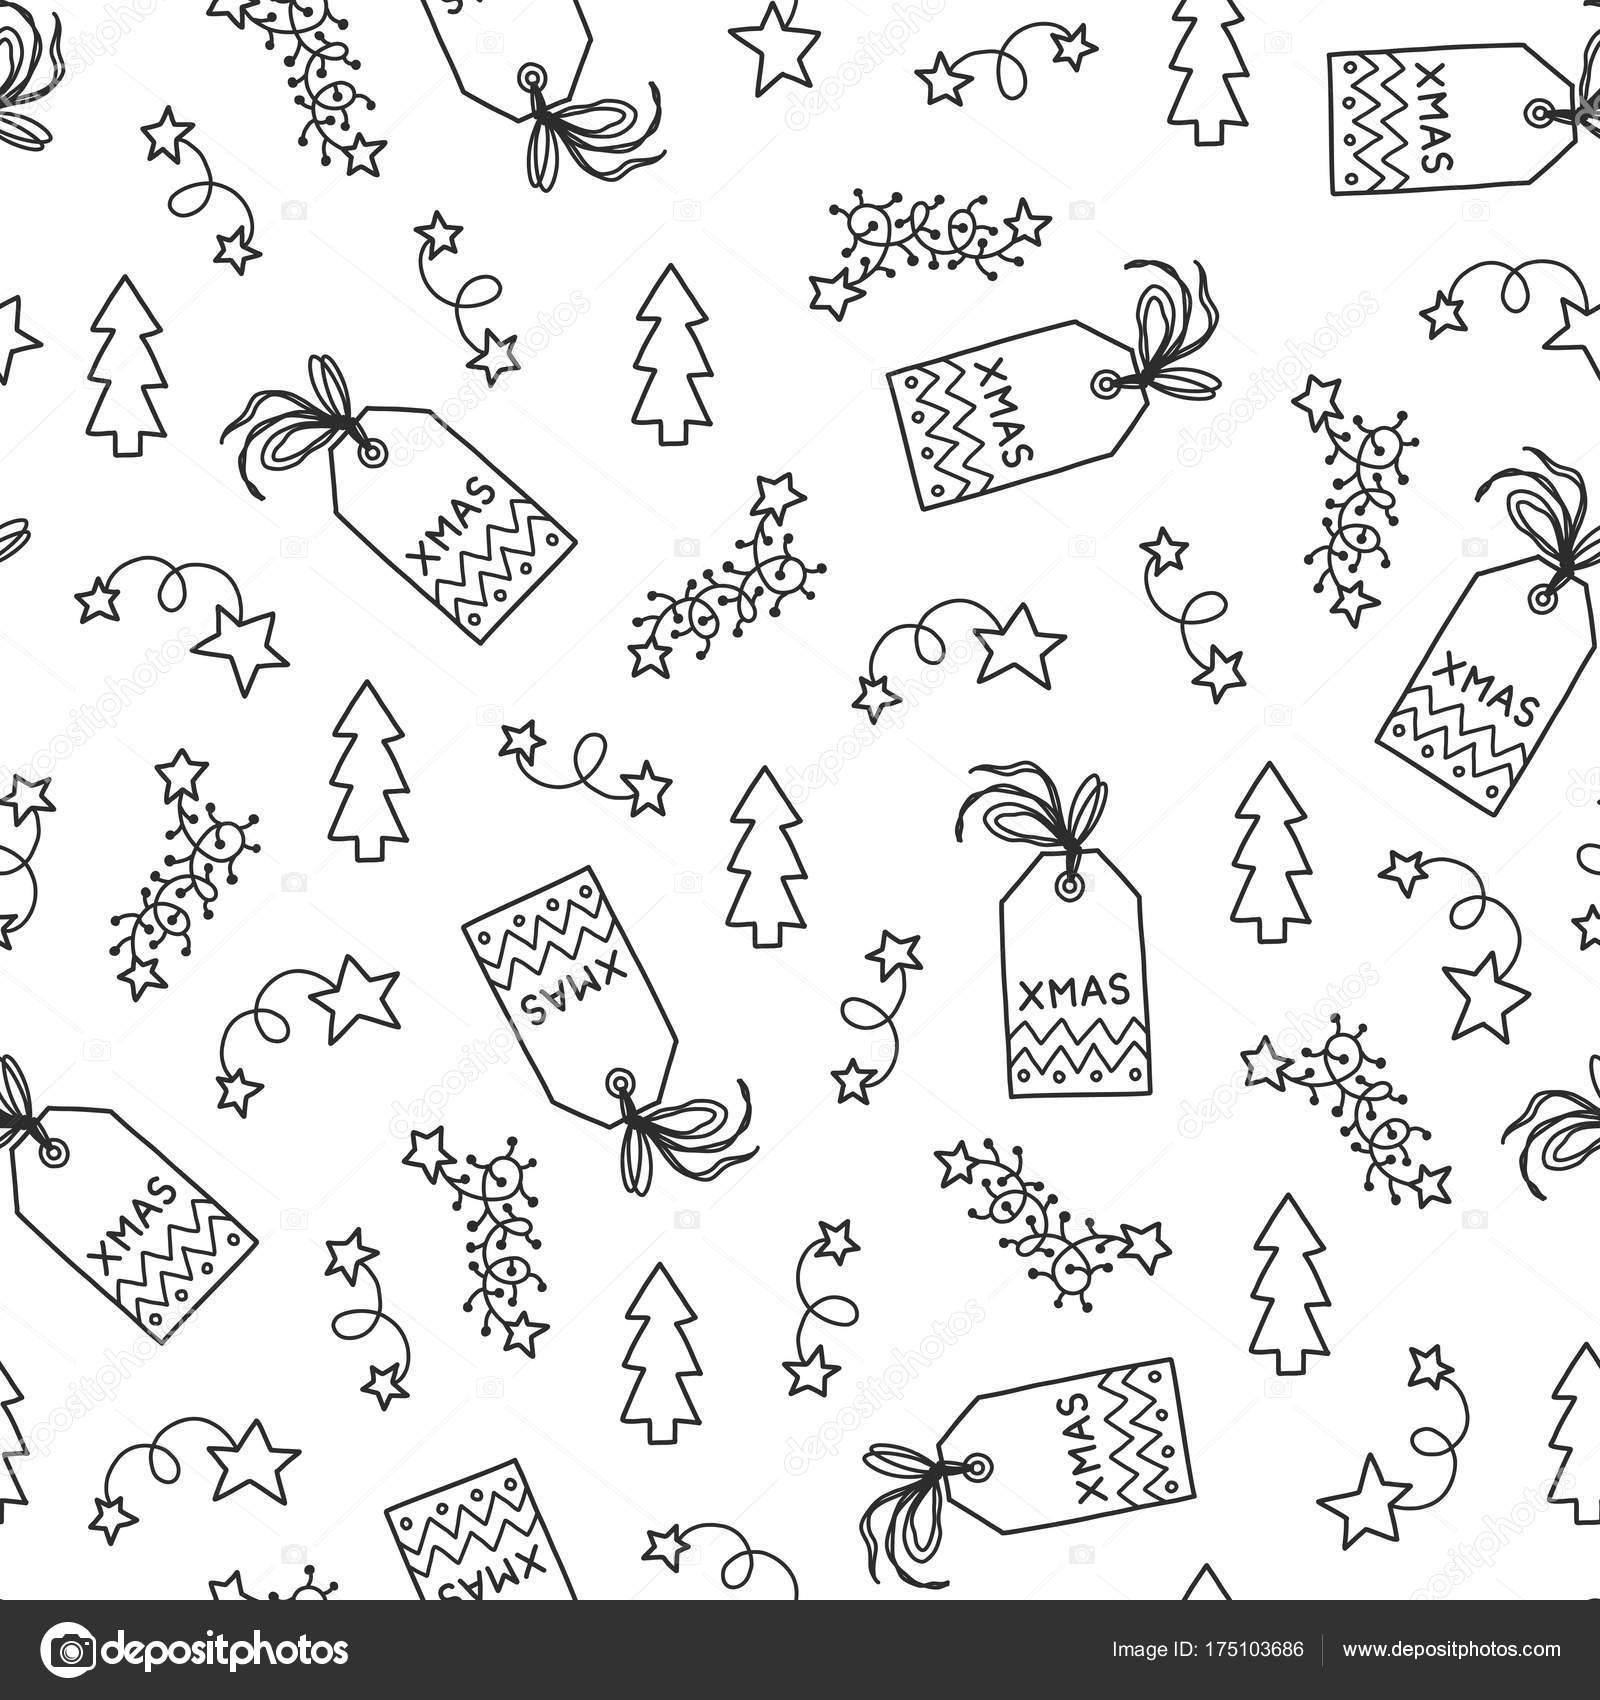 patrón sin costuras de Navidad — Archivo Imágenes Vectoriales ...